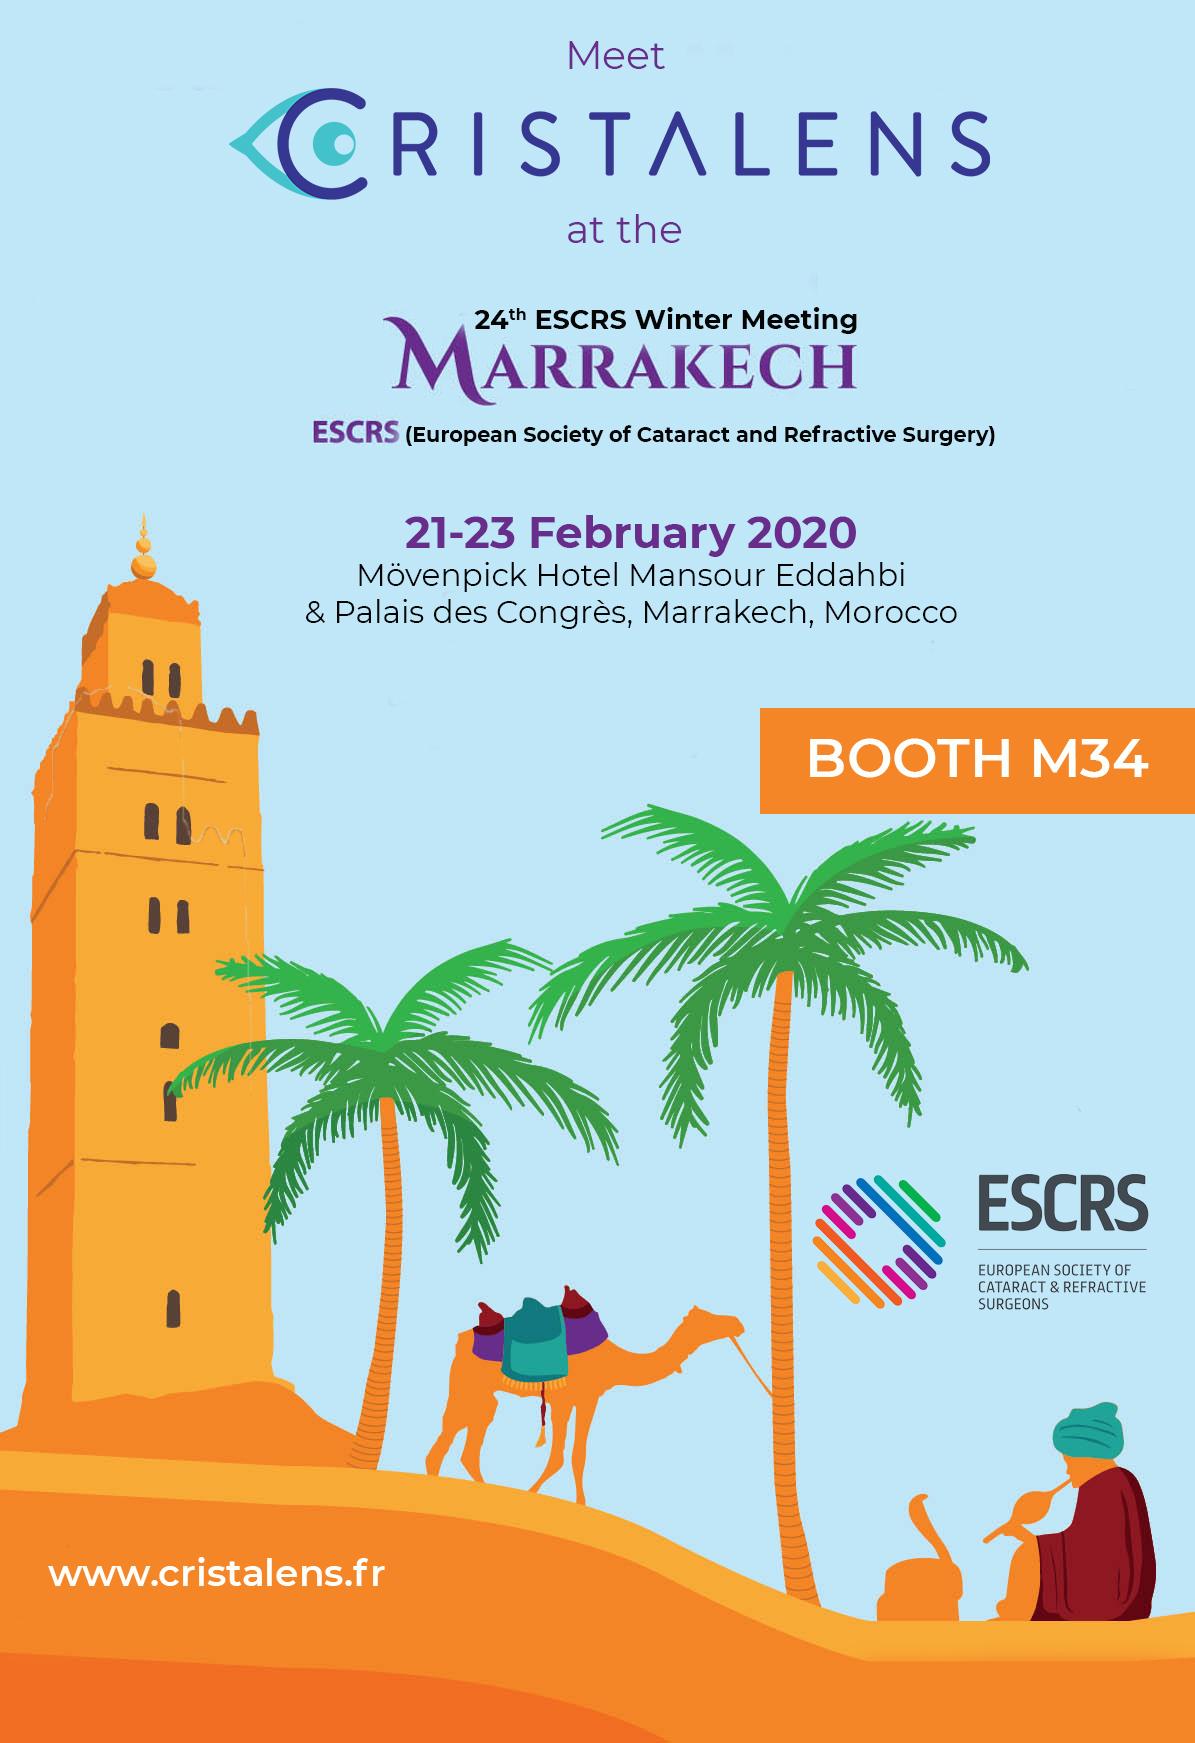 Linkedin_ESCRS Marrakech 2020